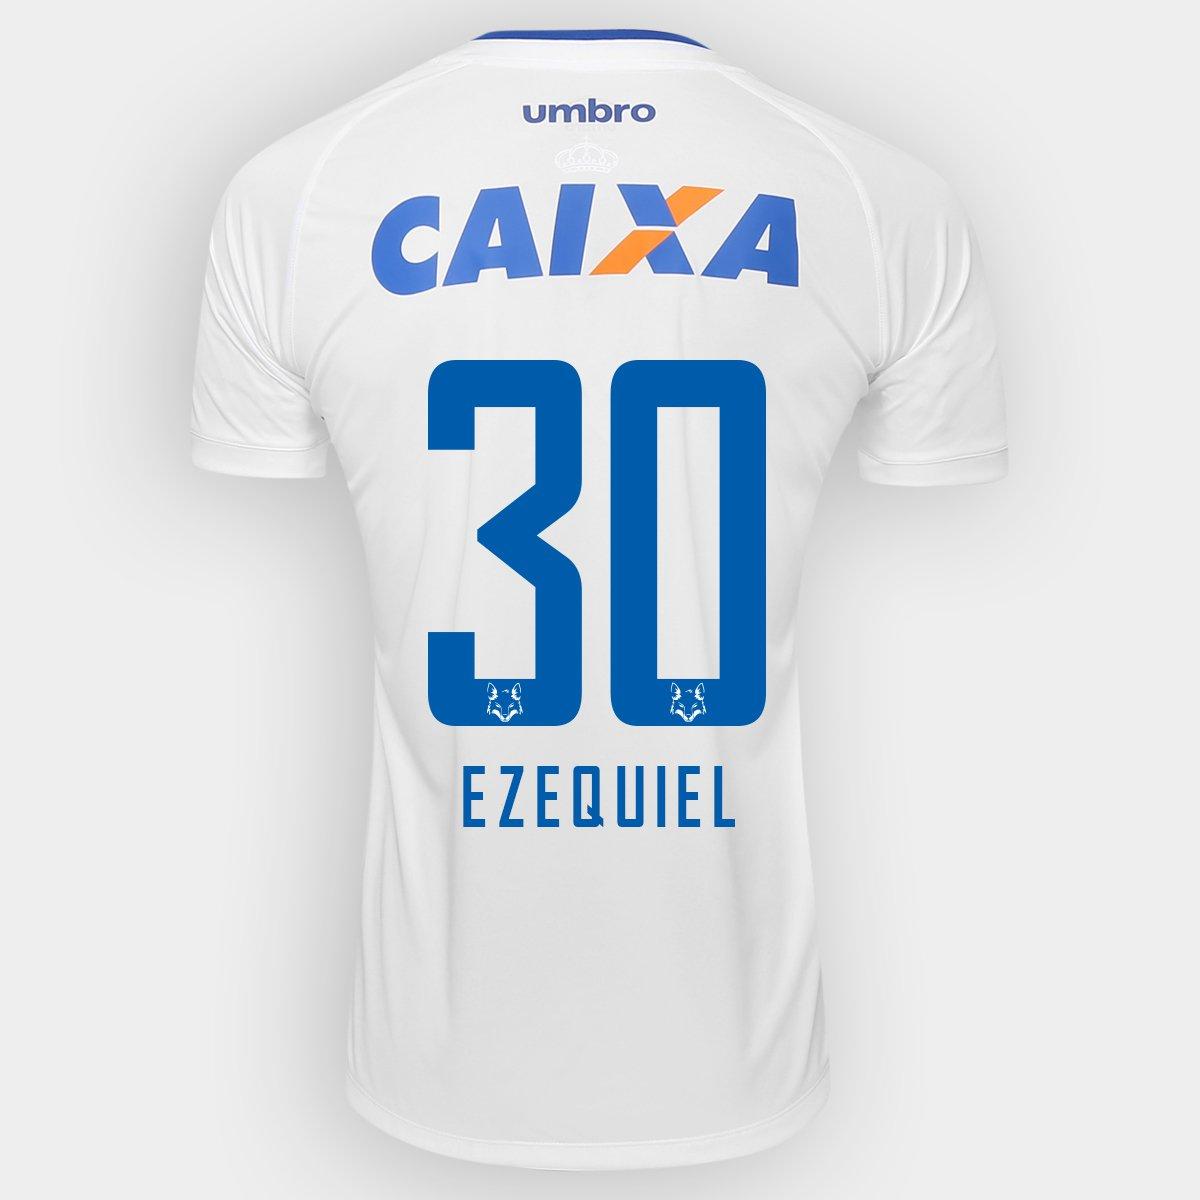 3f5a229891 Camisa Umbro Cruzeiro II 2016 nº 30 - Ezequiel - Compre Agora